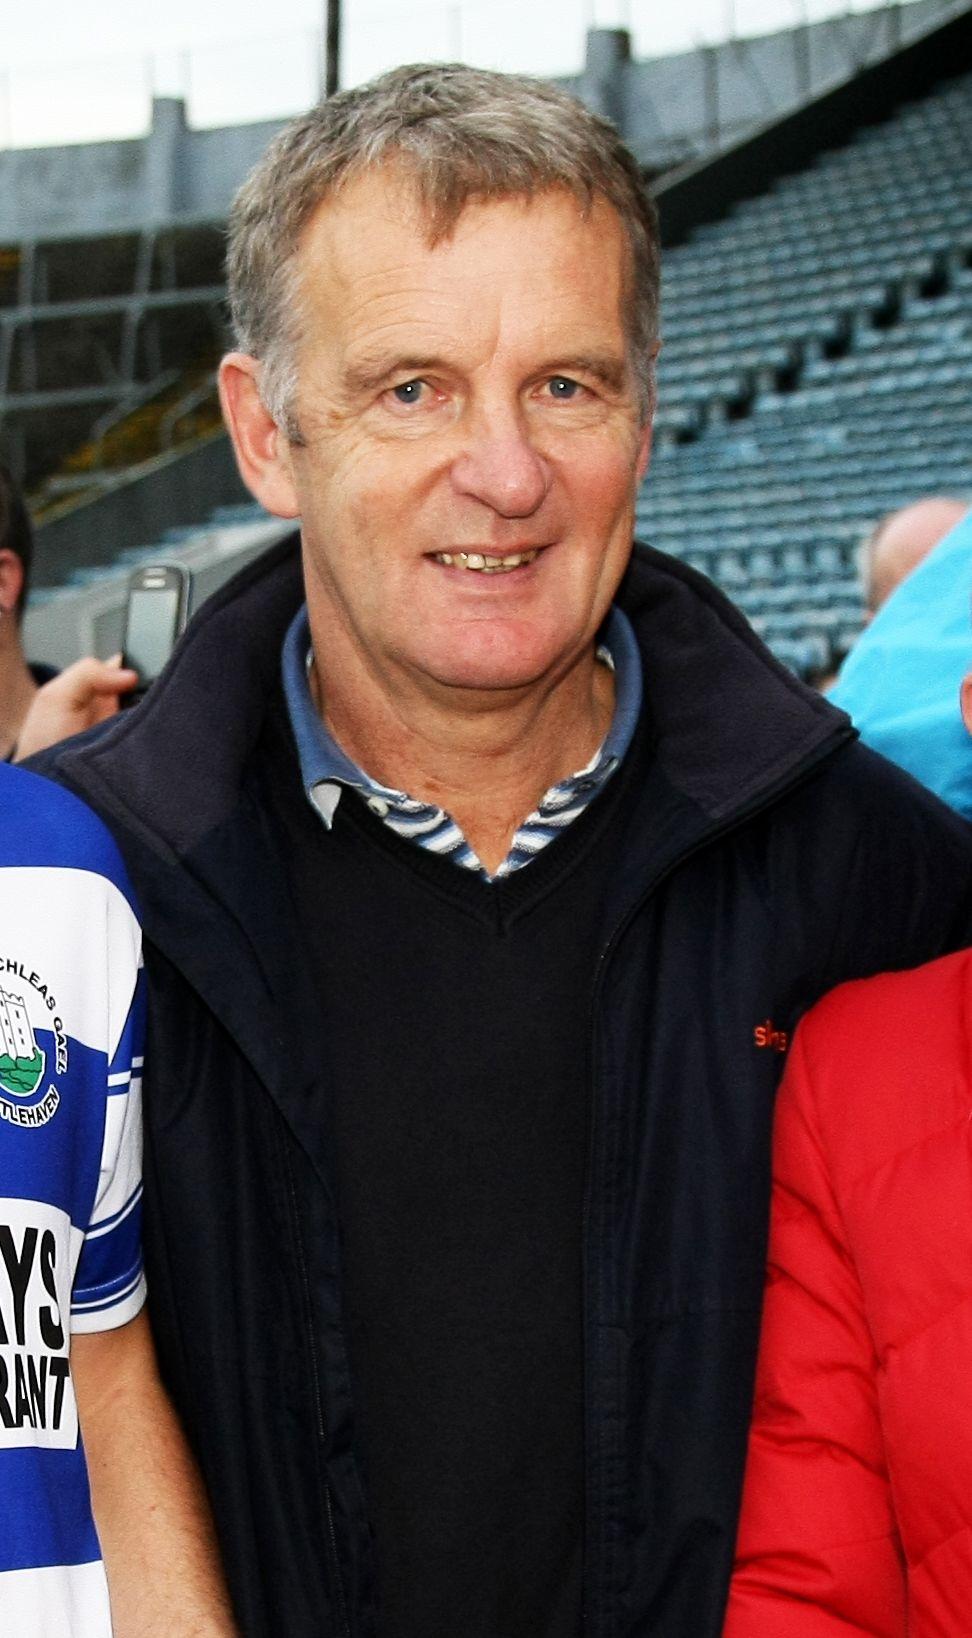 New manager: Jim Nolan.